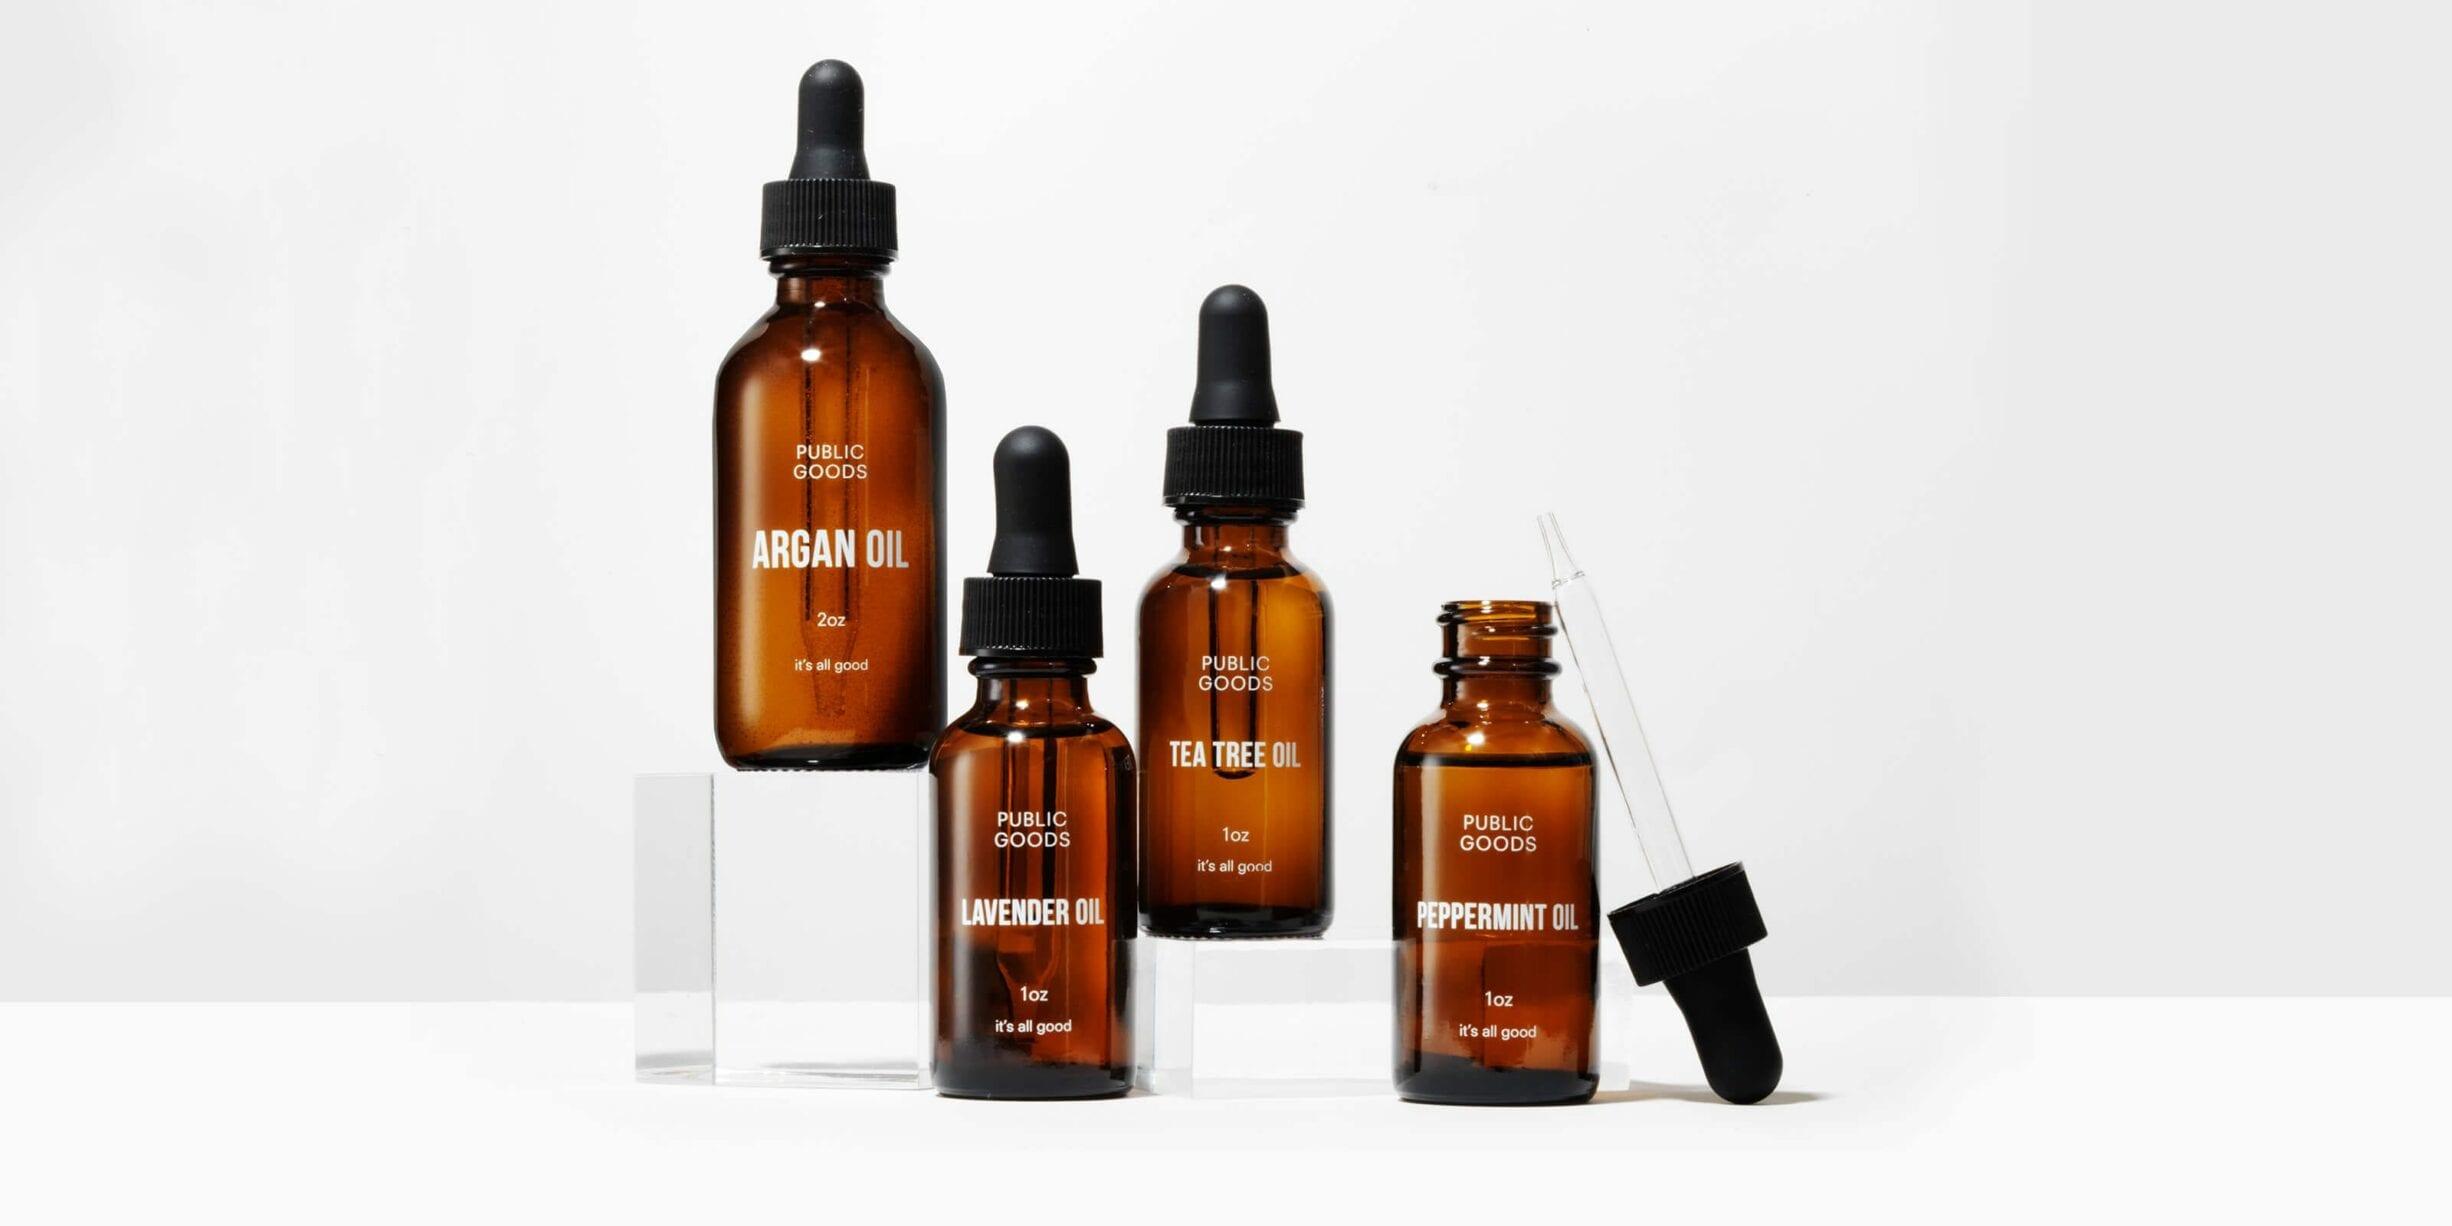 public goods essential oils bottles, droppers